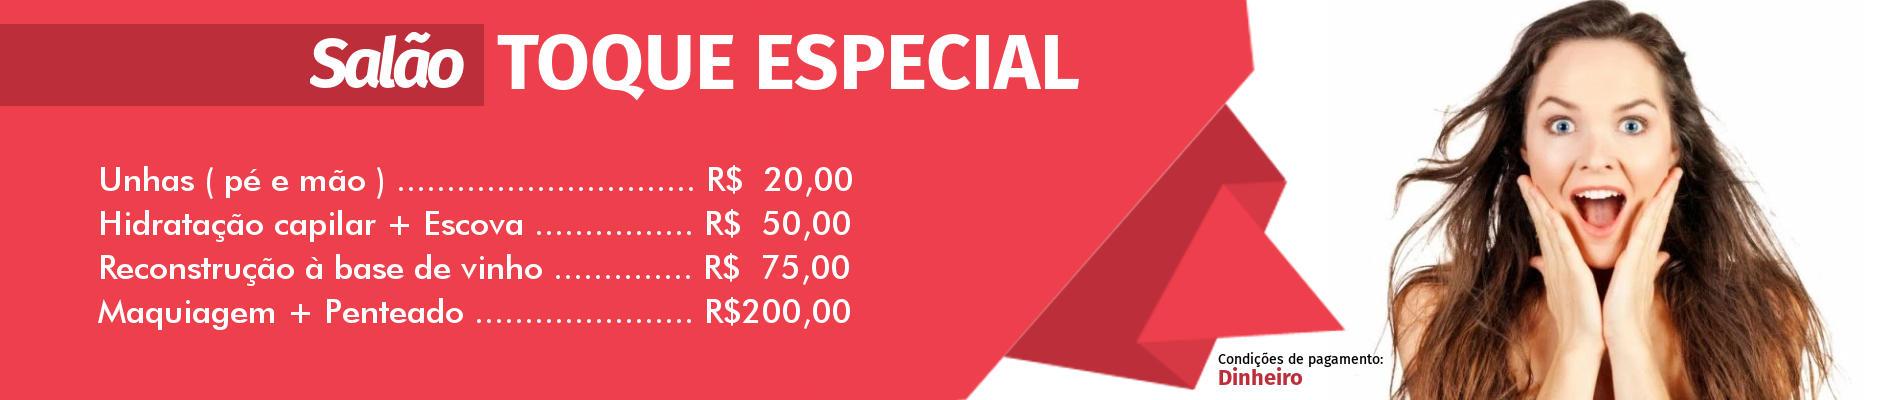 salaotoqueespecial-2018-001